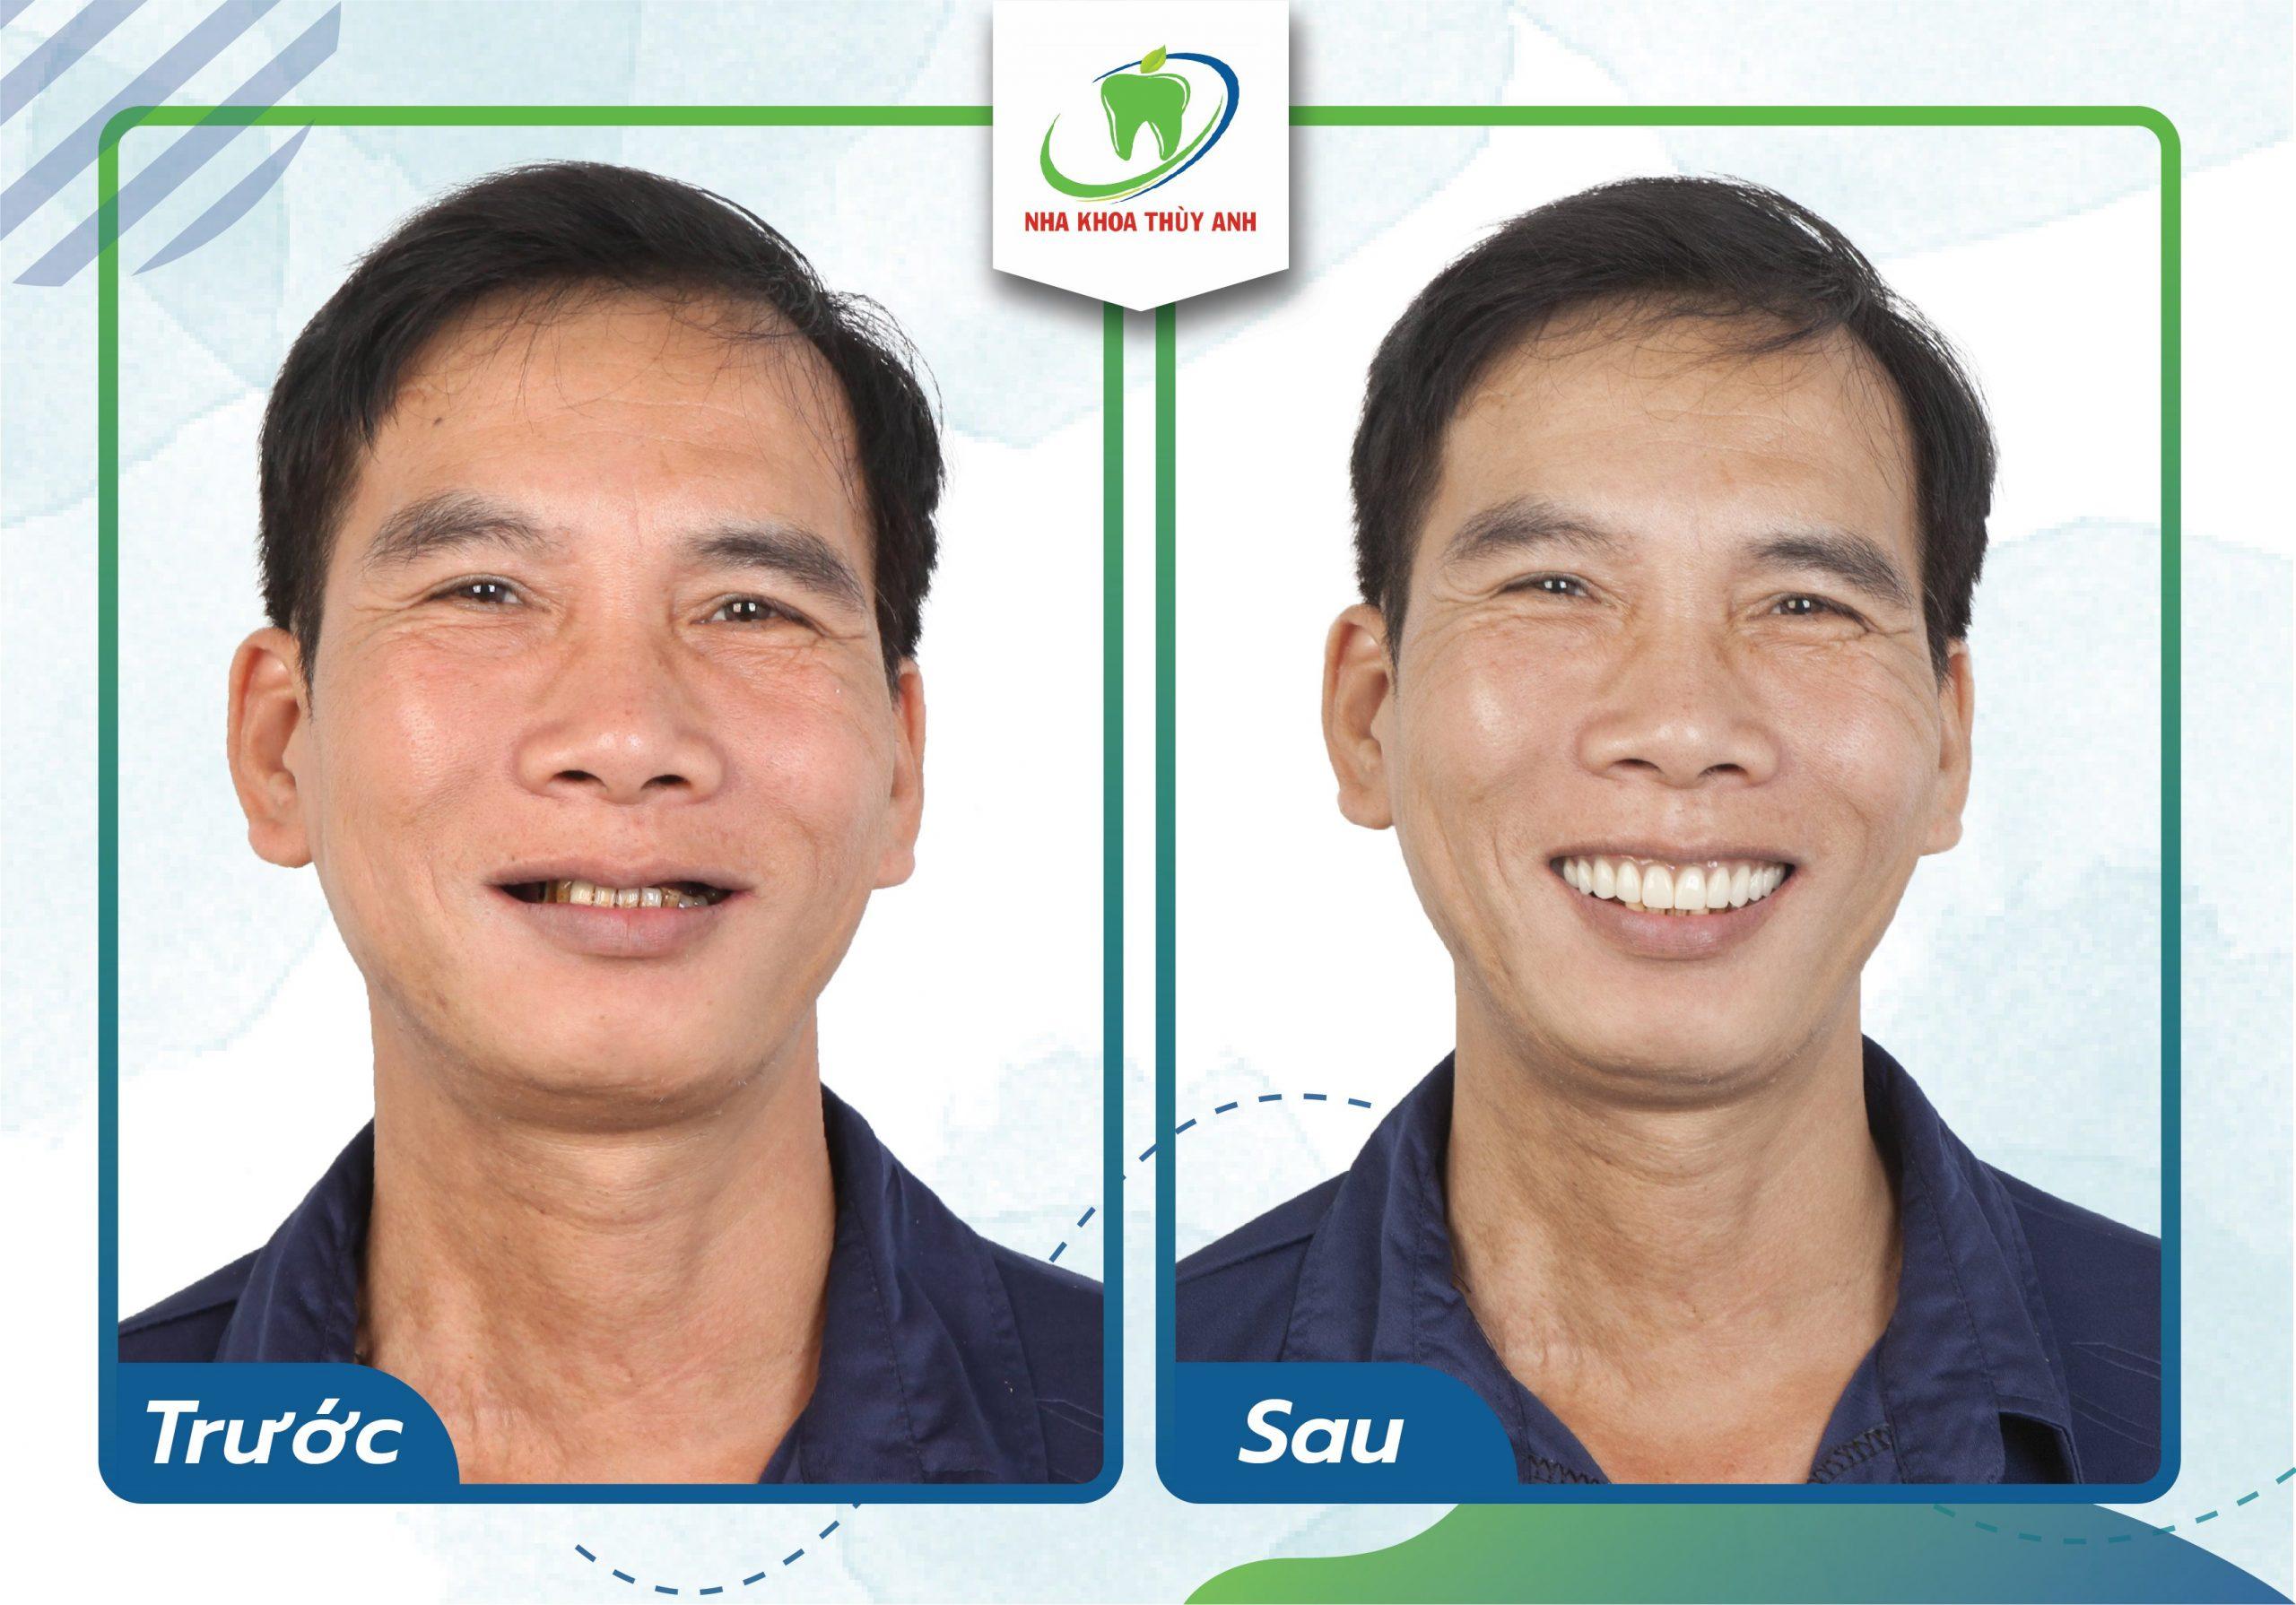 Cải thiện thẩm mỹ – đảm bảo ăn nhai trong trường hợp mất răng toàn hàm cho khách hàng với bác sĩ Lê Sơn Tùng